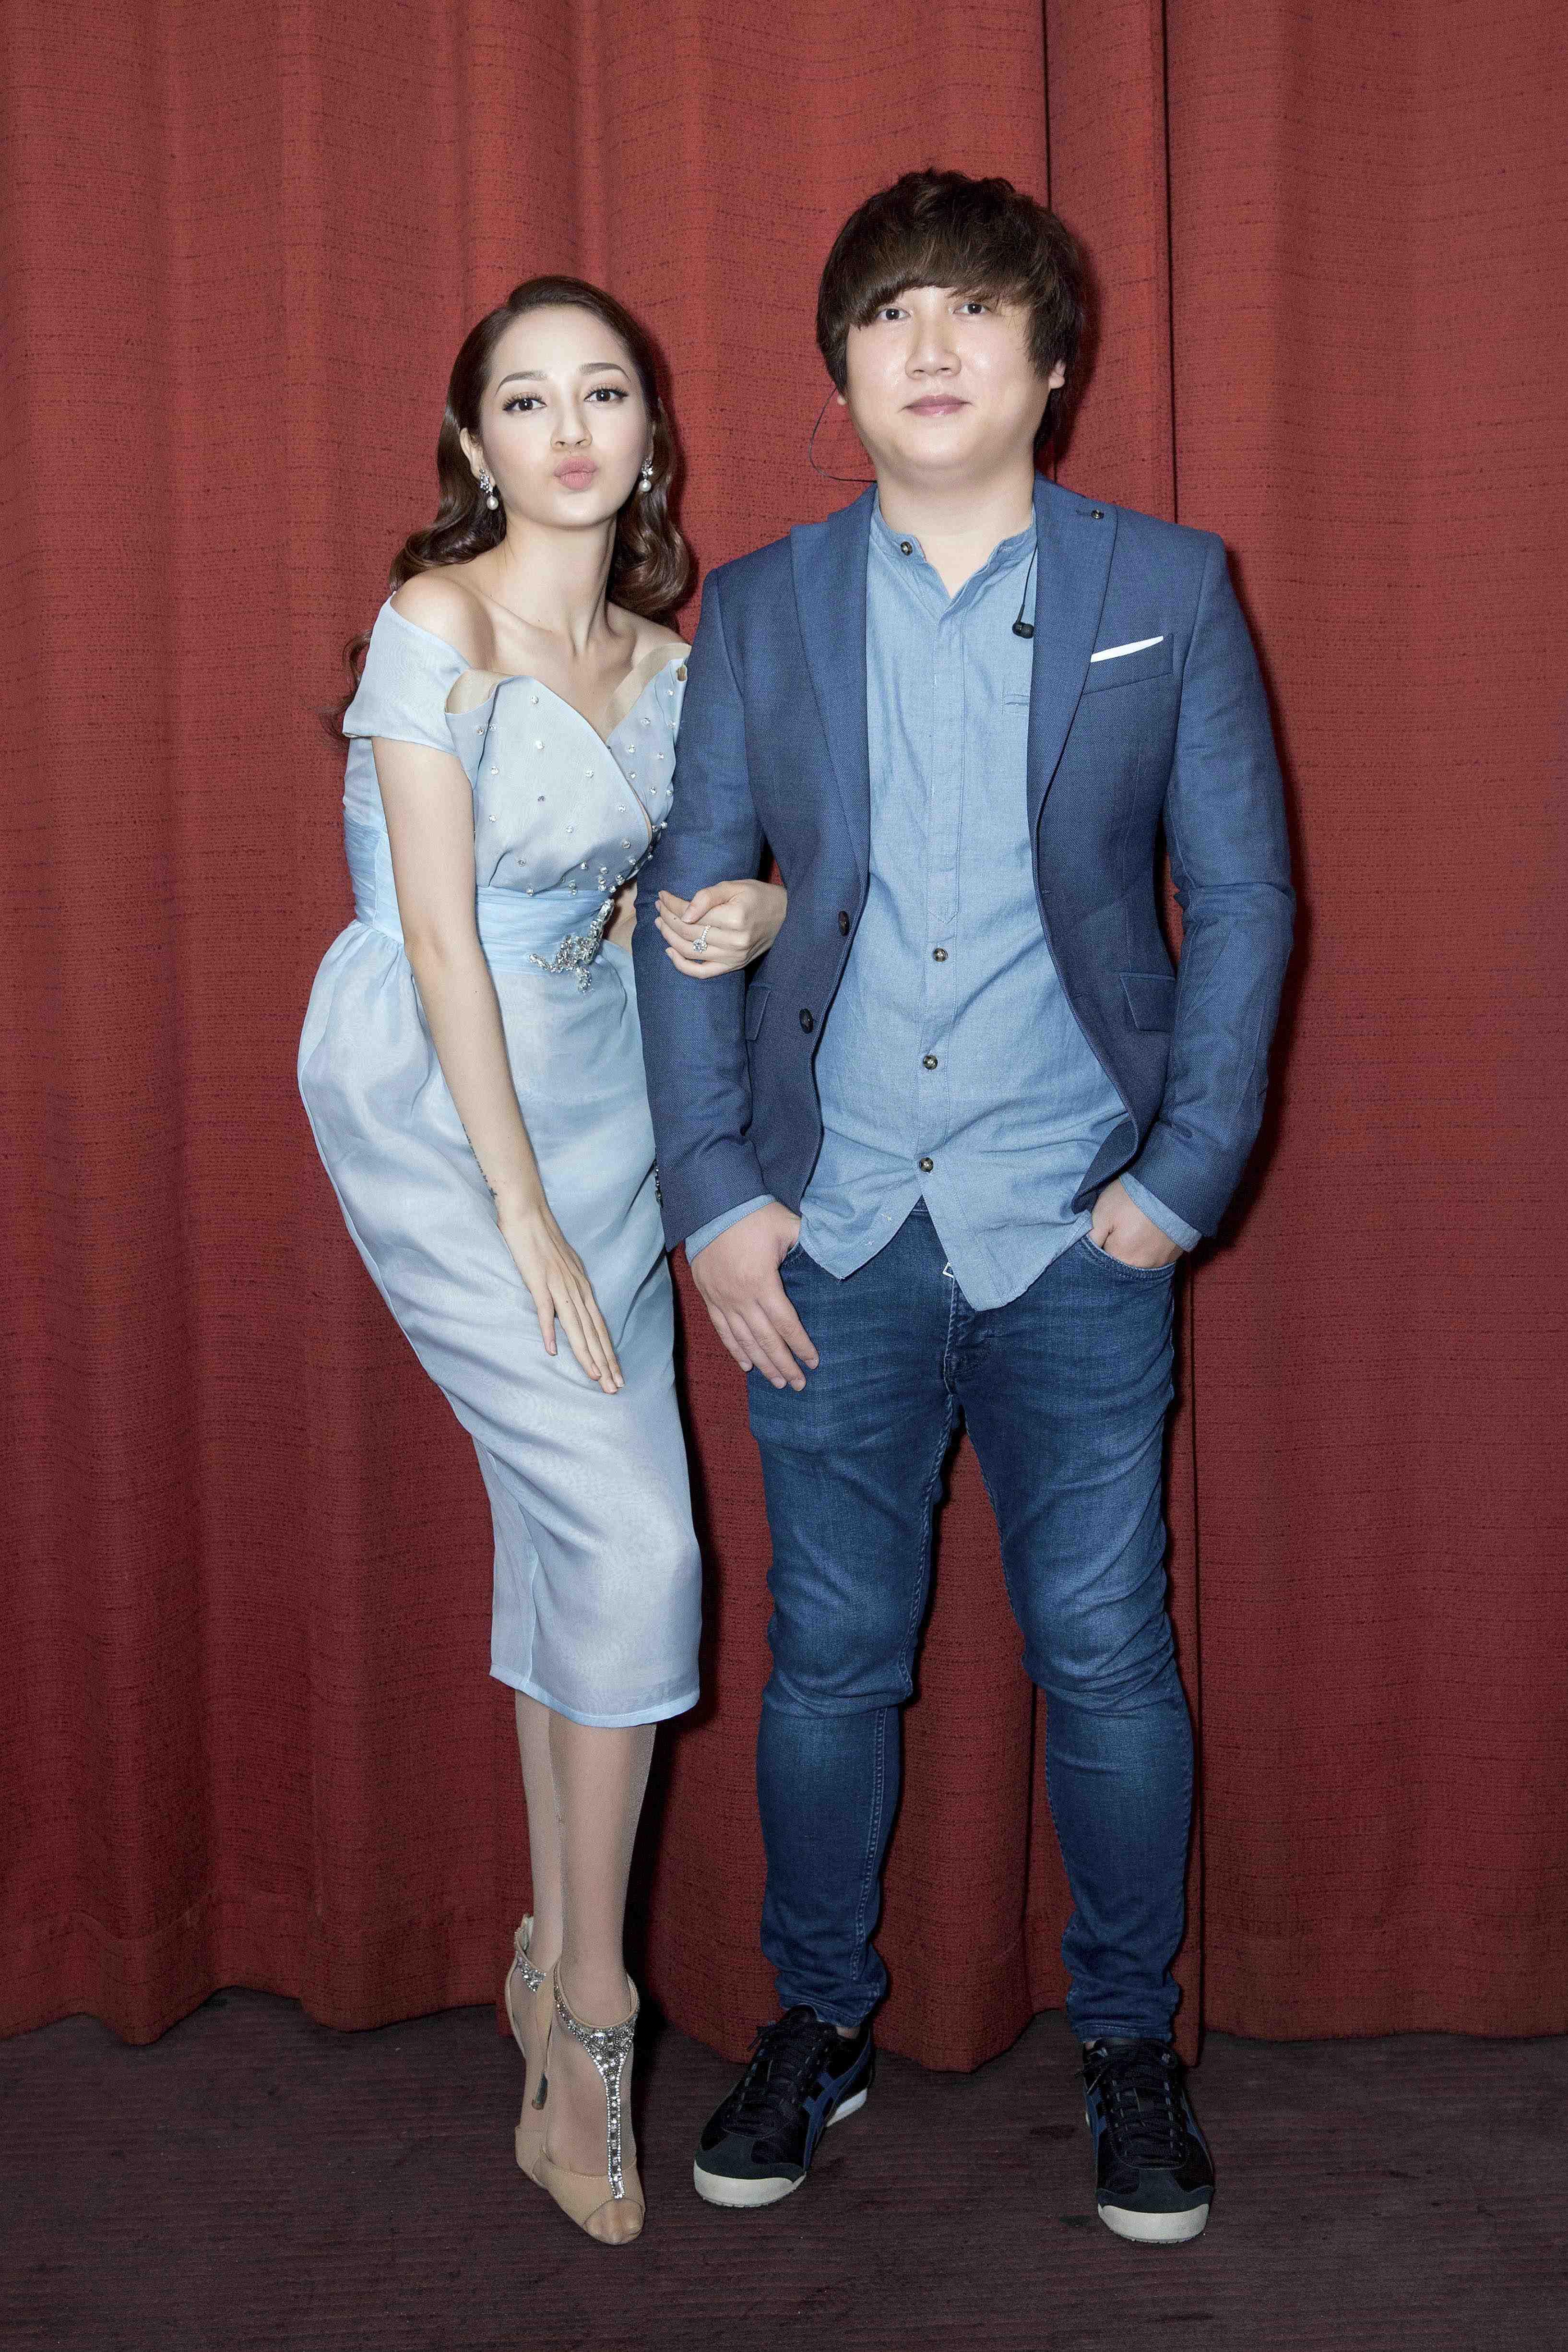 Sau khi công khai tình cảm, Bảo Anh - Hồ Quang Hiếu bị bắt gặp hẹn hò giữa khuya - Ảnh 8.